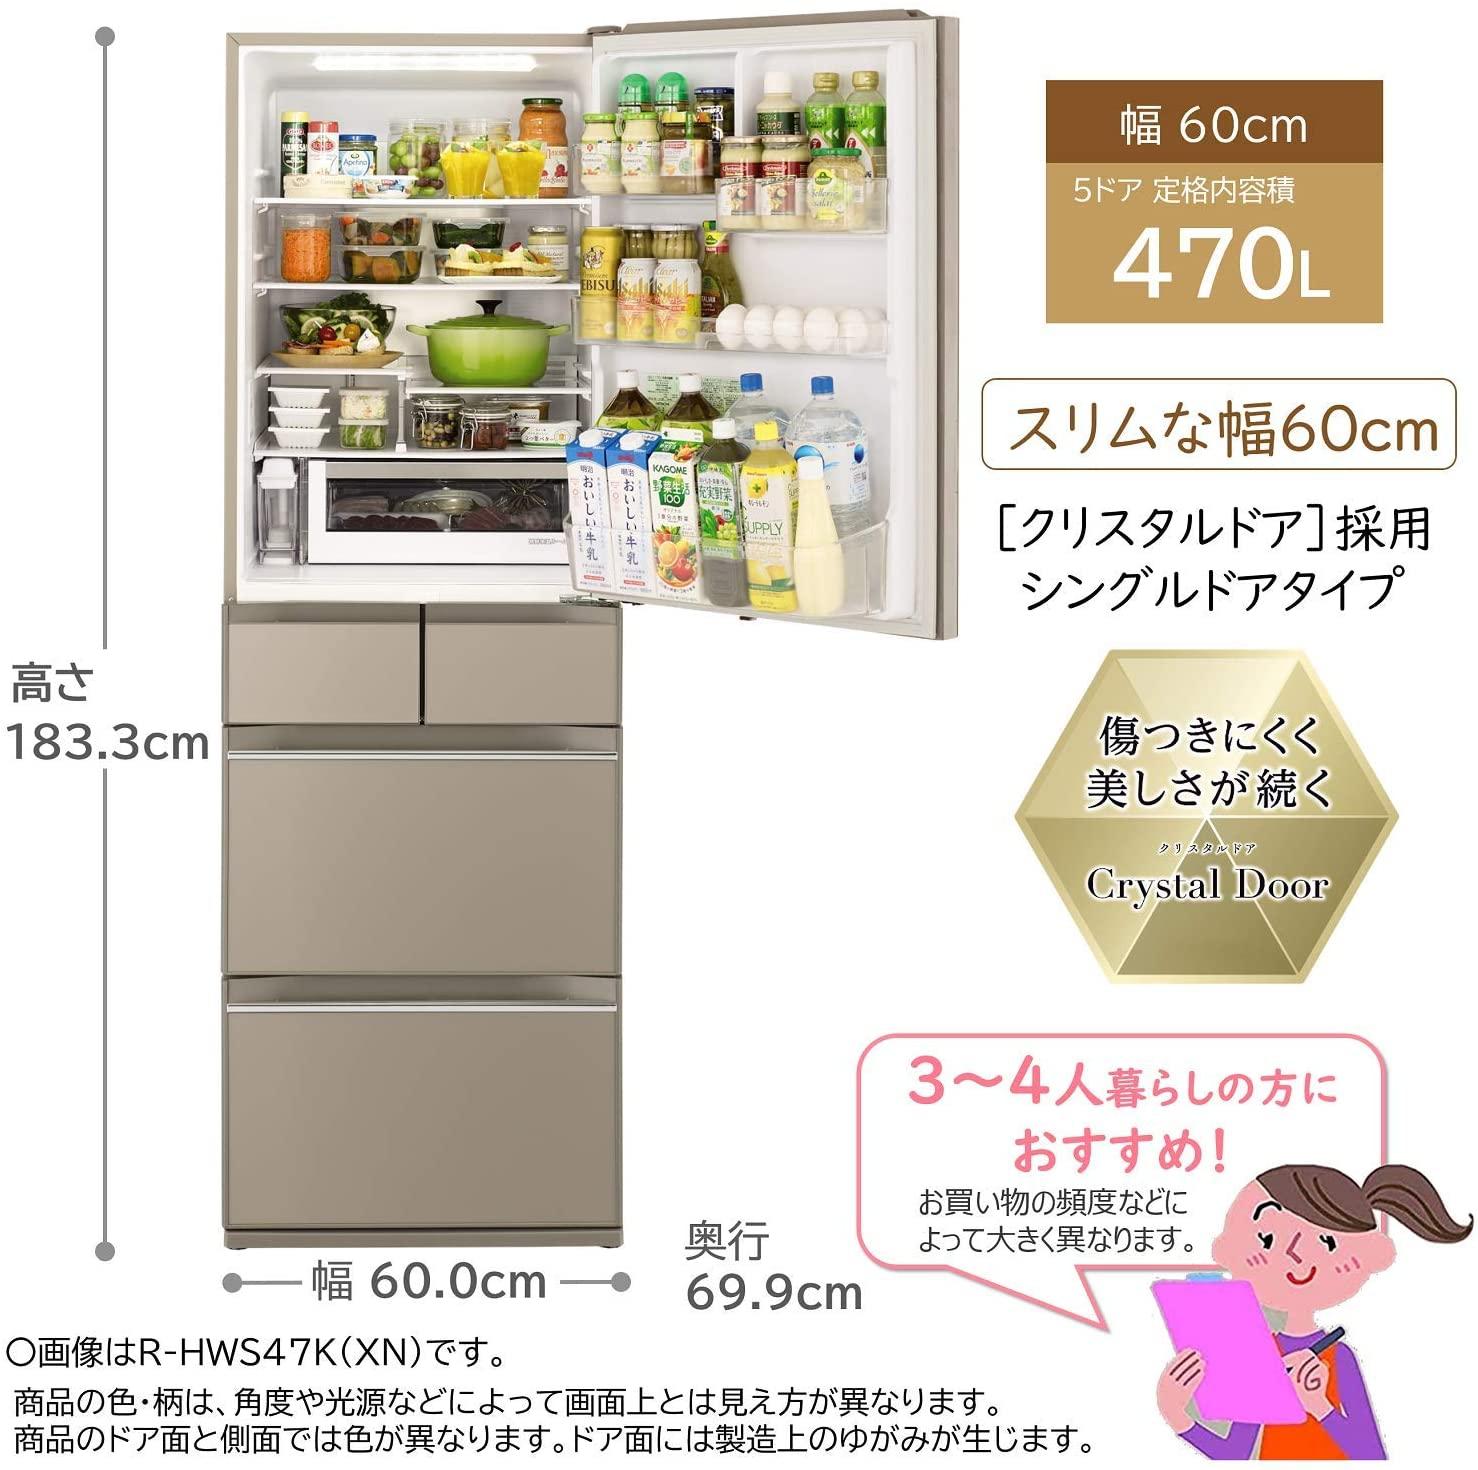 日立(HITACHI) 冷蔵庫 R-HWS47Nの商品画像3